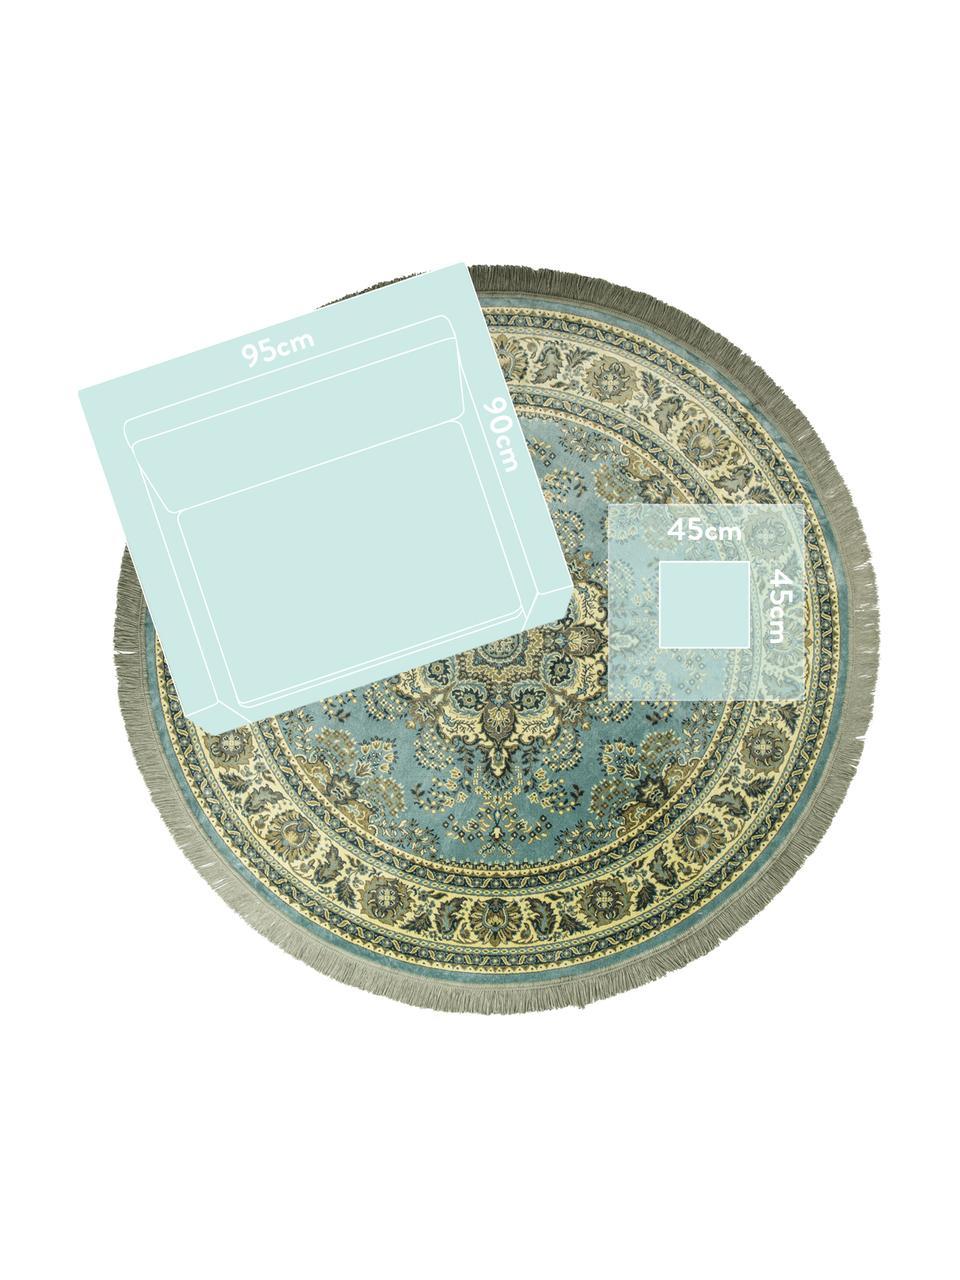 Okrągły dywan w stylu vintage z frędzlami Bodega, Odcienie zielonego, Ø 175 cm (Rozmiar L)